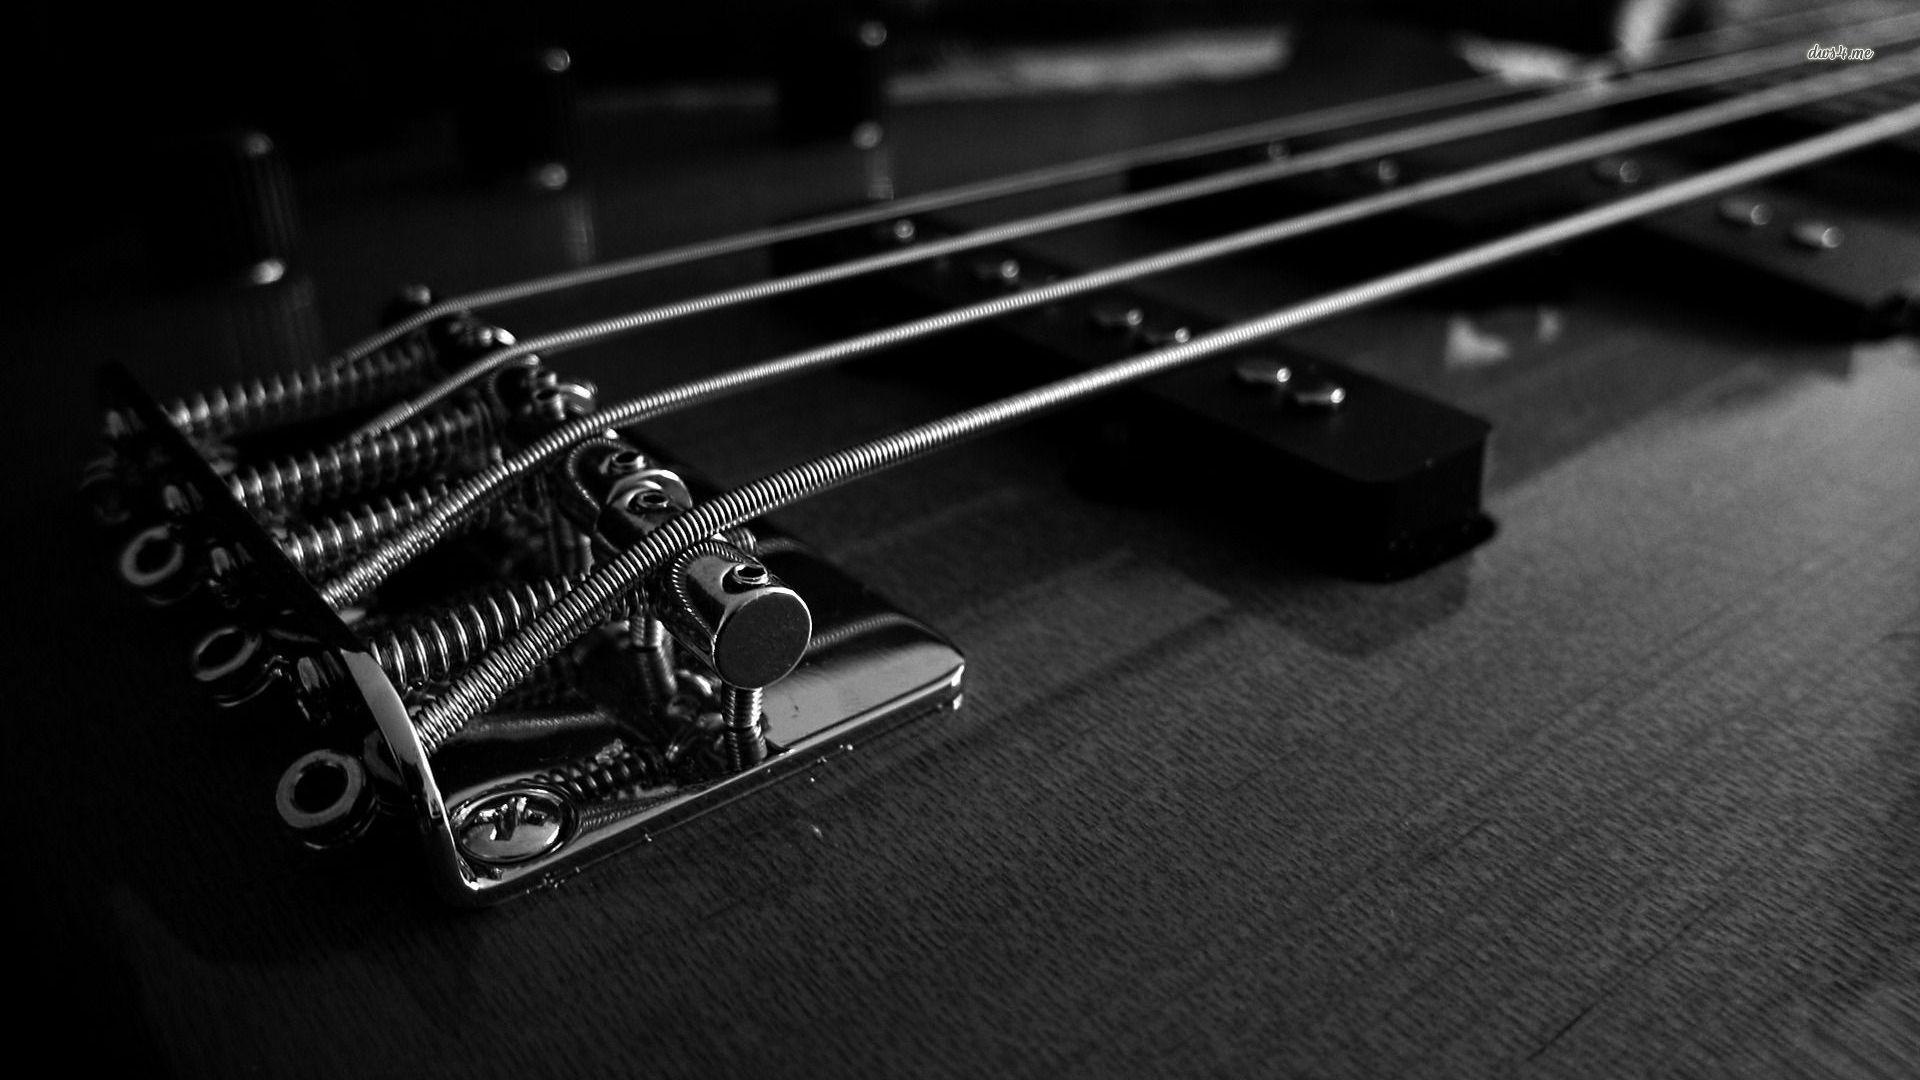 Bass guitar wallpaper   Music wallpapers   26243 1920x1080